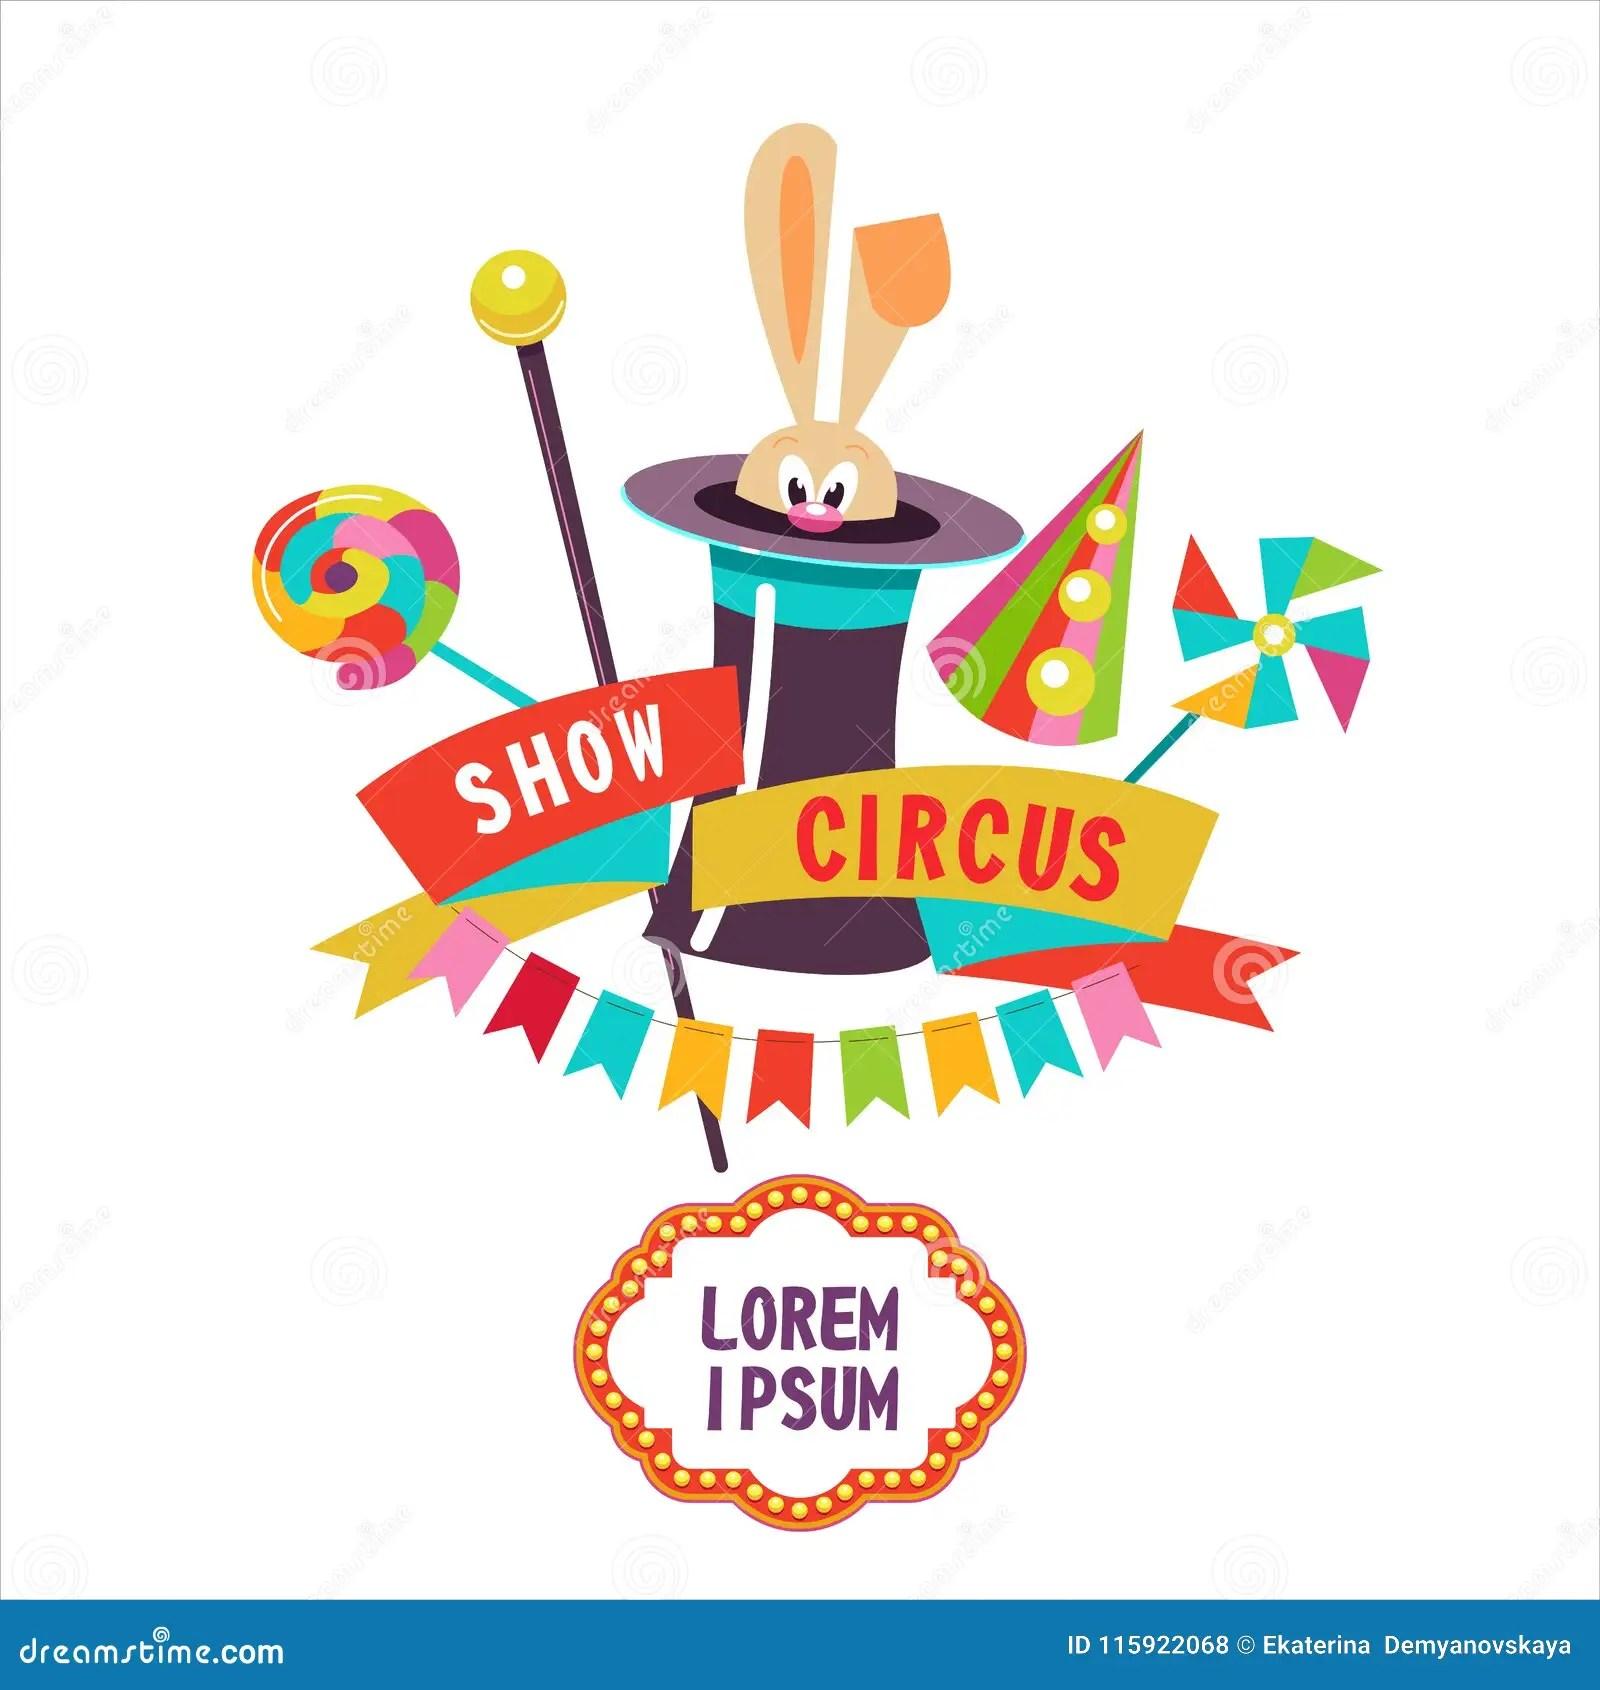 hight resolution of circo conejo en el sombrero ilustraci n del vector el cartel del circo composici n de cliparts con el lugar para el texto aislado en un fondo blanco